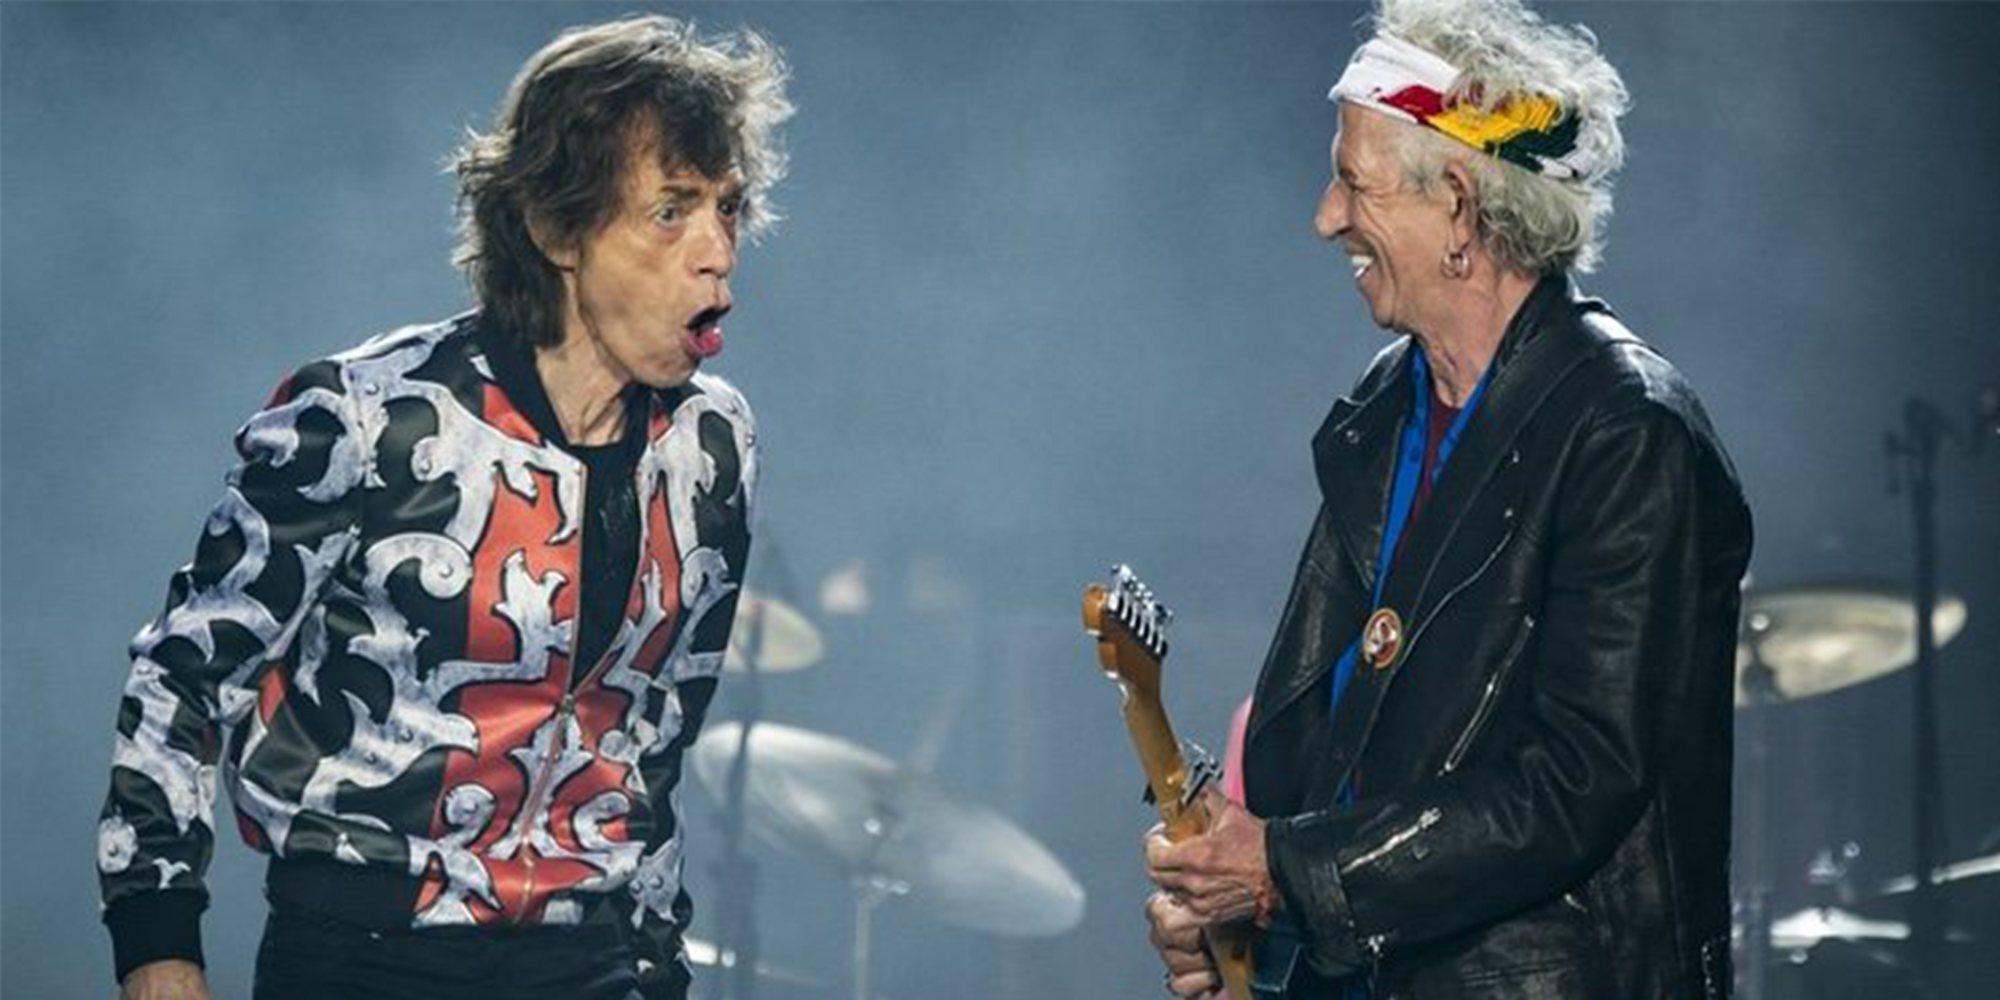 Enemigos Íntimos: Mick Jagger y Keith Richards, la verdad tras los escenarios